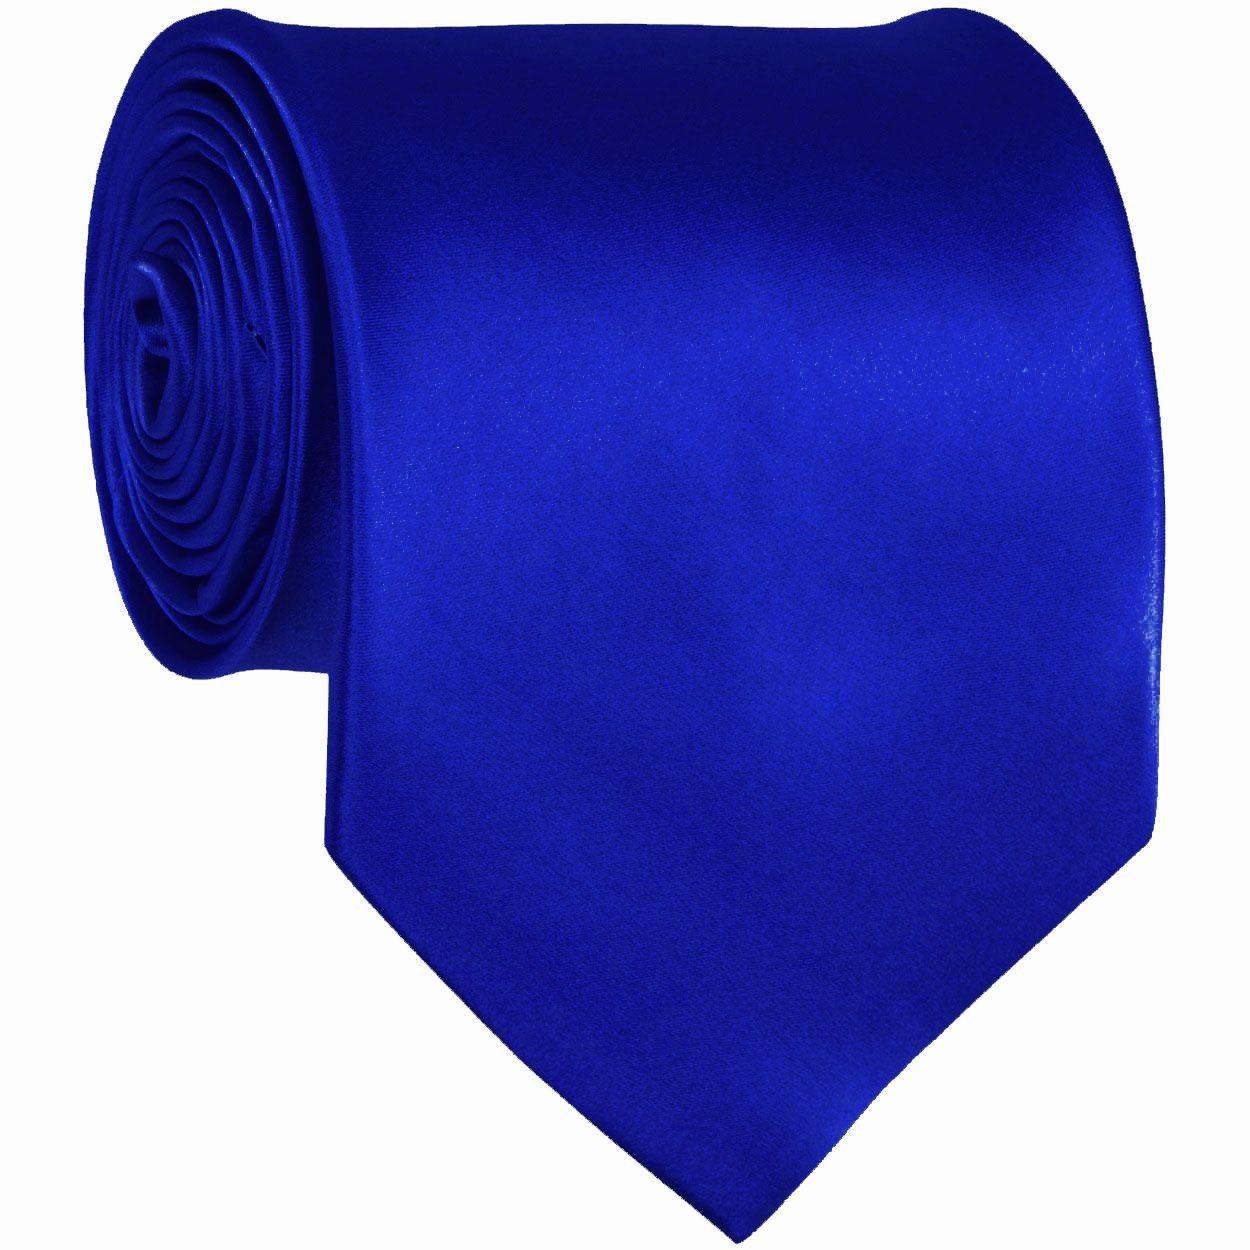 Royal Blue Solid Color Ties Mens Neckties | TIES ...